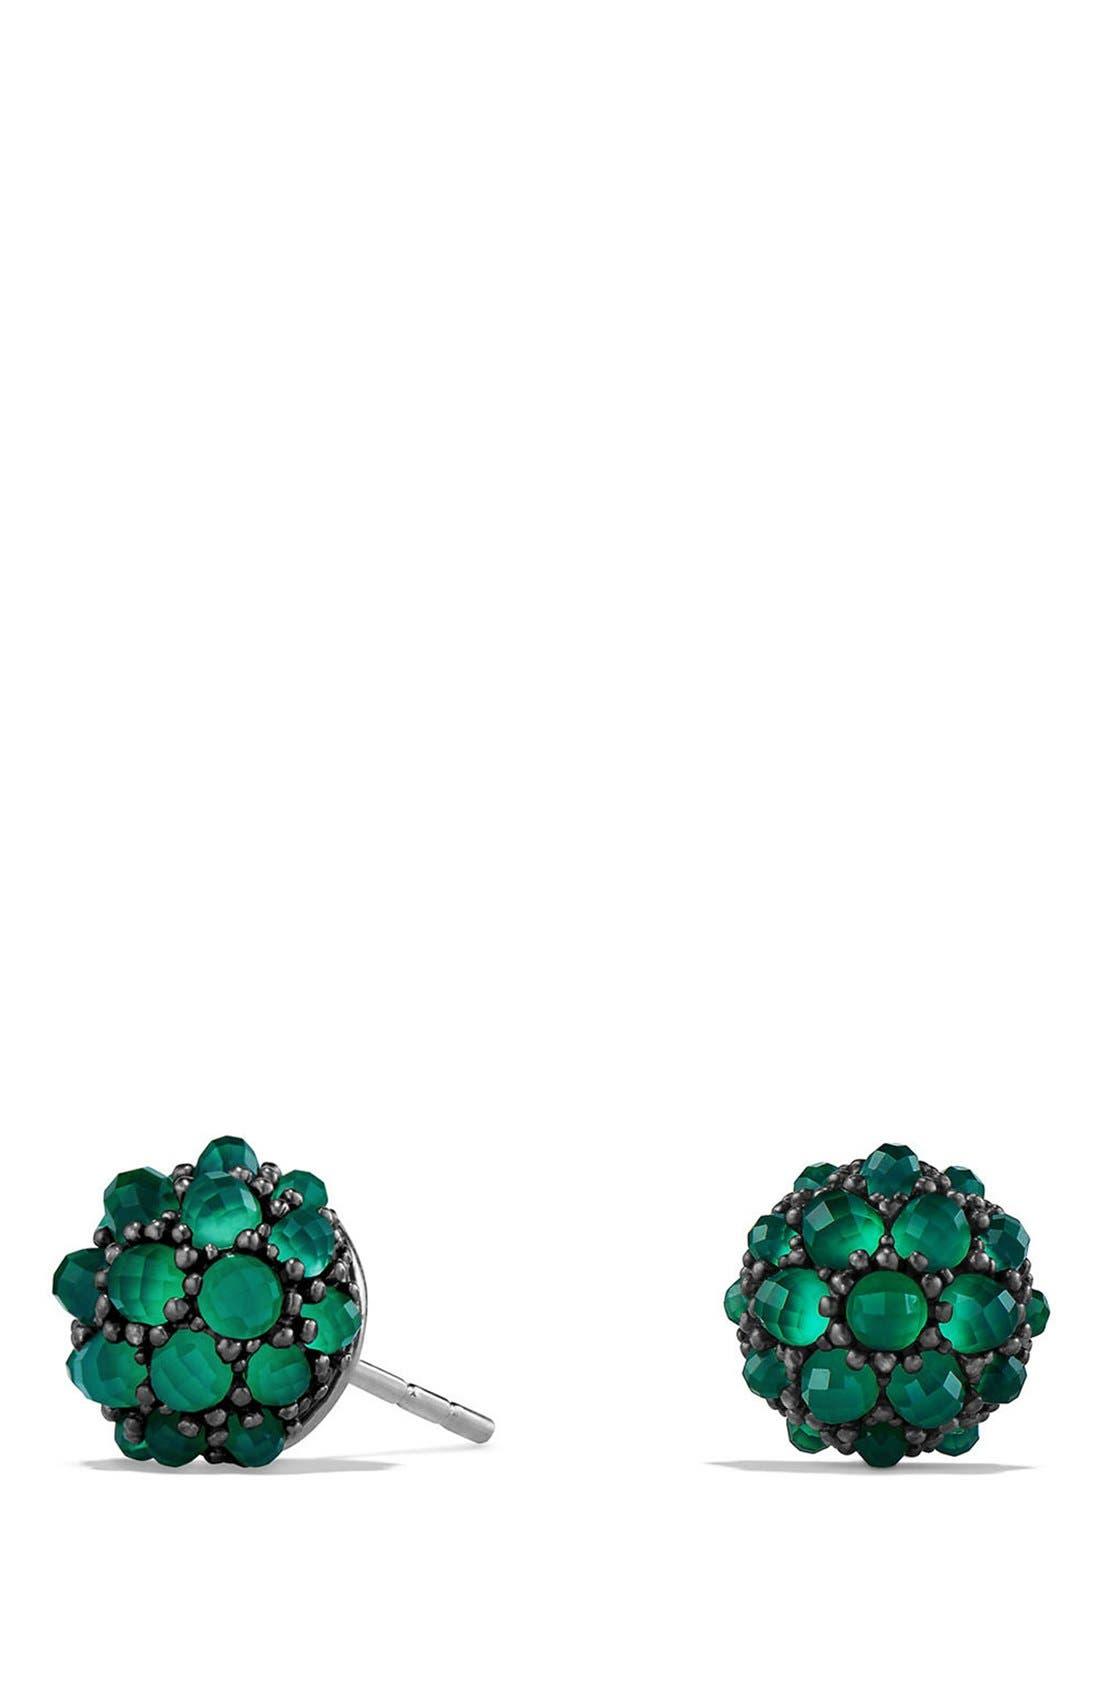 Alternate Image 1 Selected - David Yurman Osetra Stud Earrings